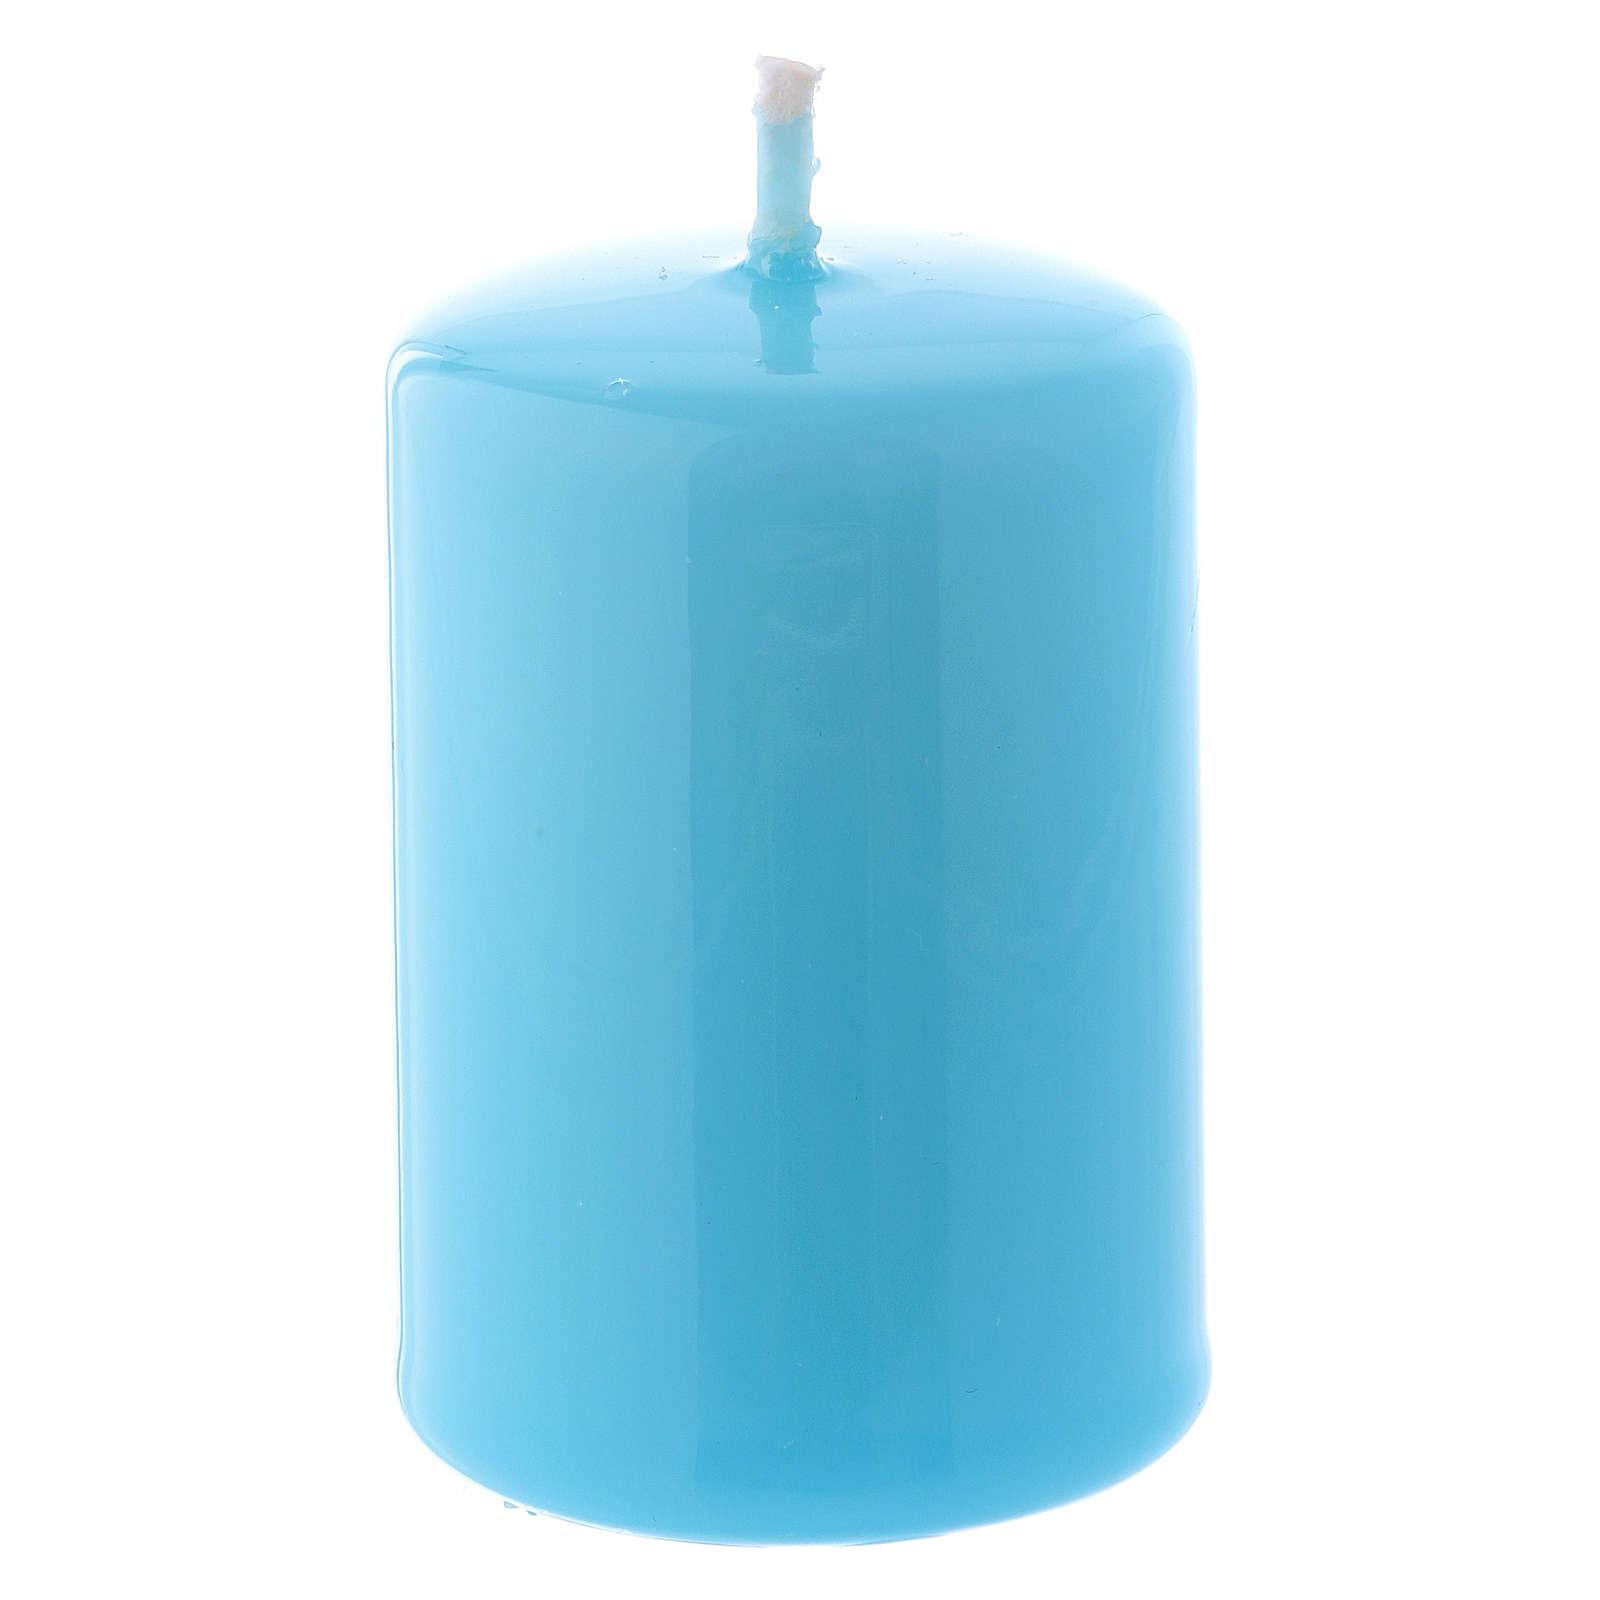 Bougie Brillante Ceralacca 4x6 cm bleu clair 3